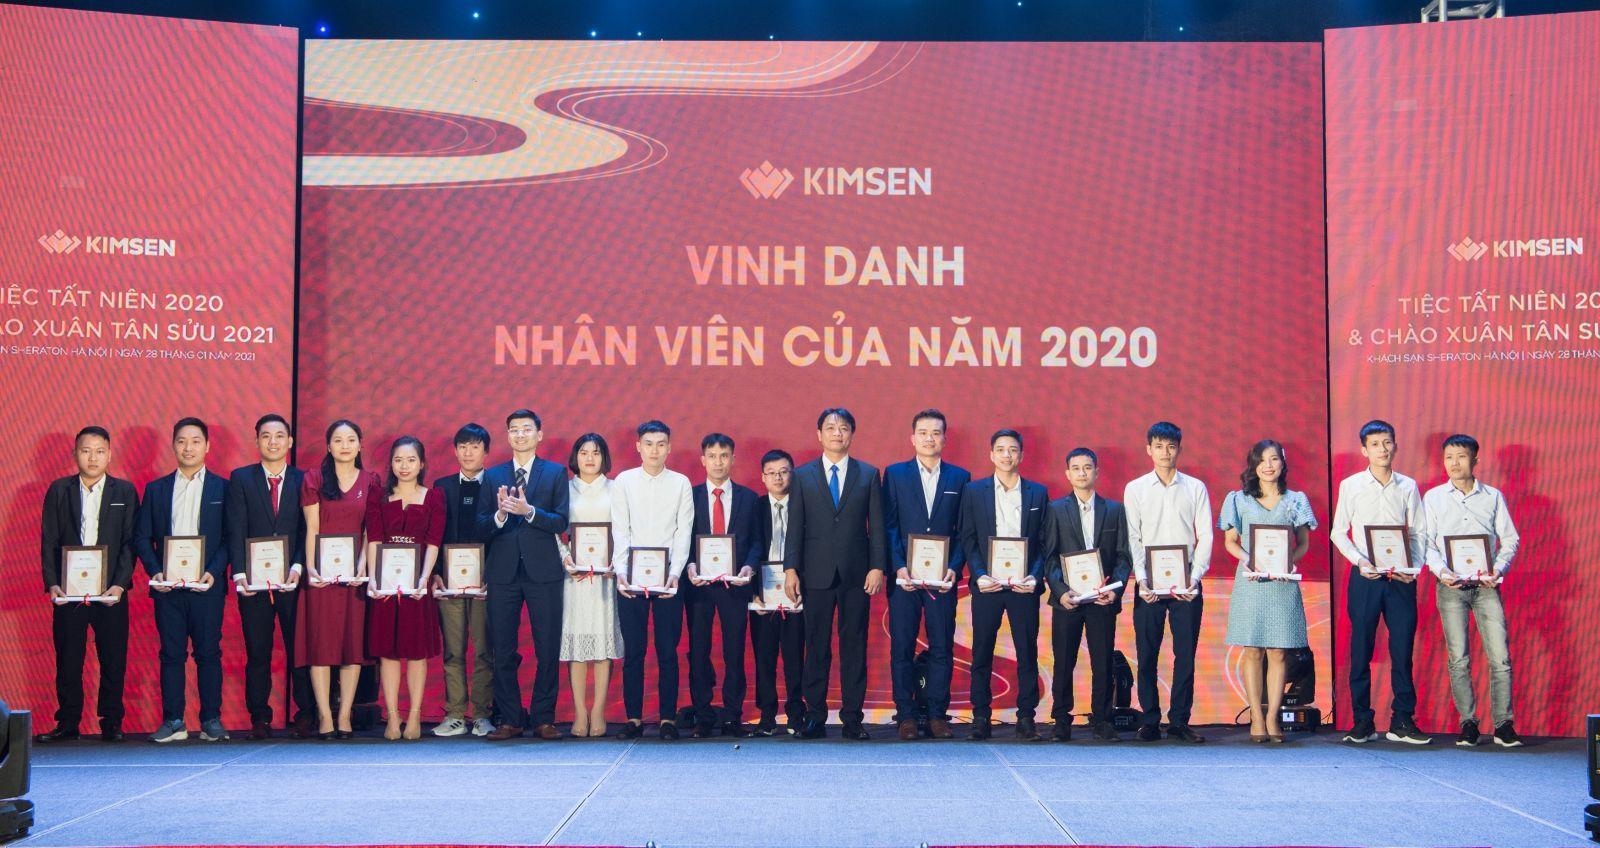 Công ty Kim Sen đối tác đào tạo tại của VinaTrain trong hợp đồng doanh nghiệp Tháng 7